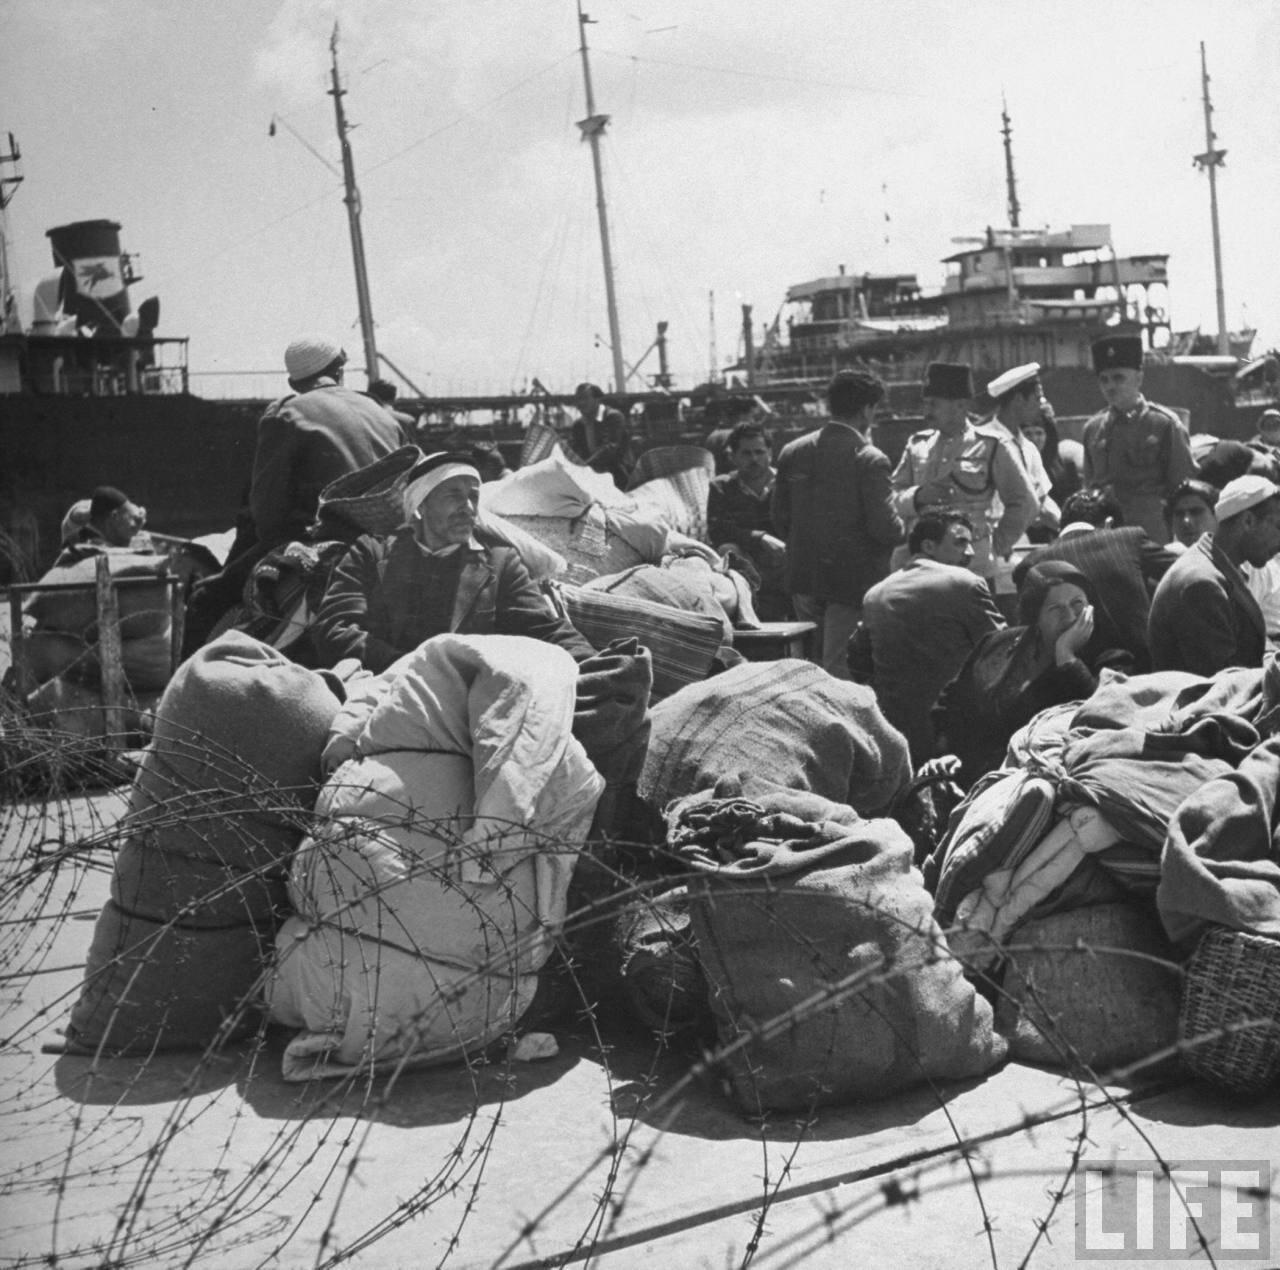 1948. Арабские беженцы в порту Хайфы